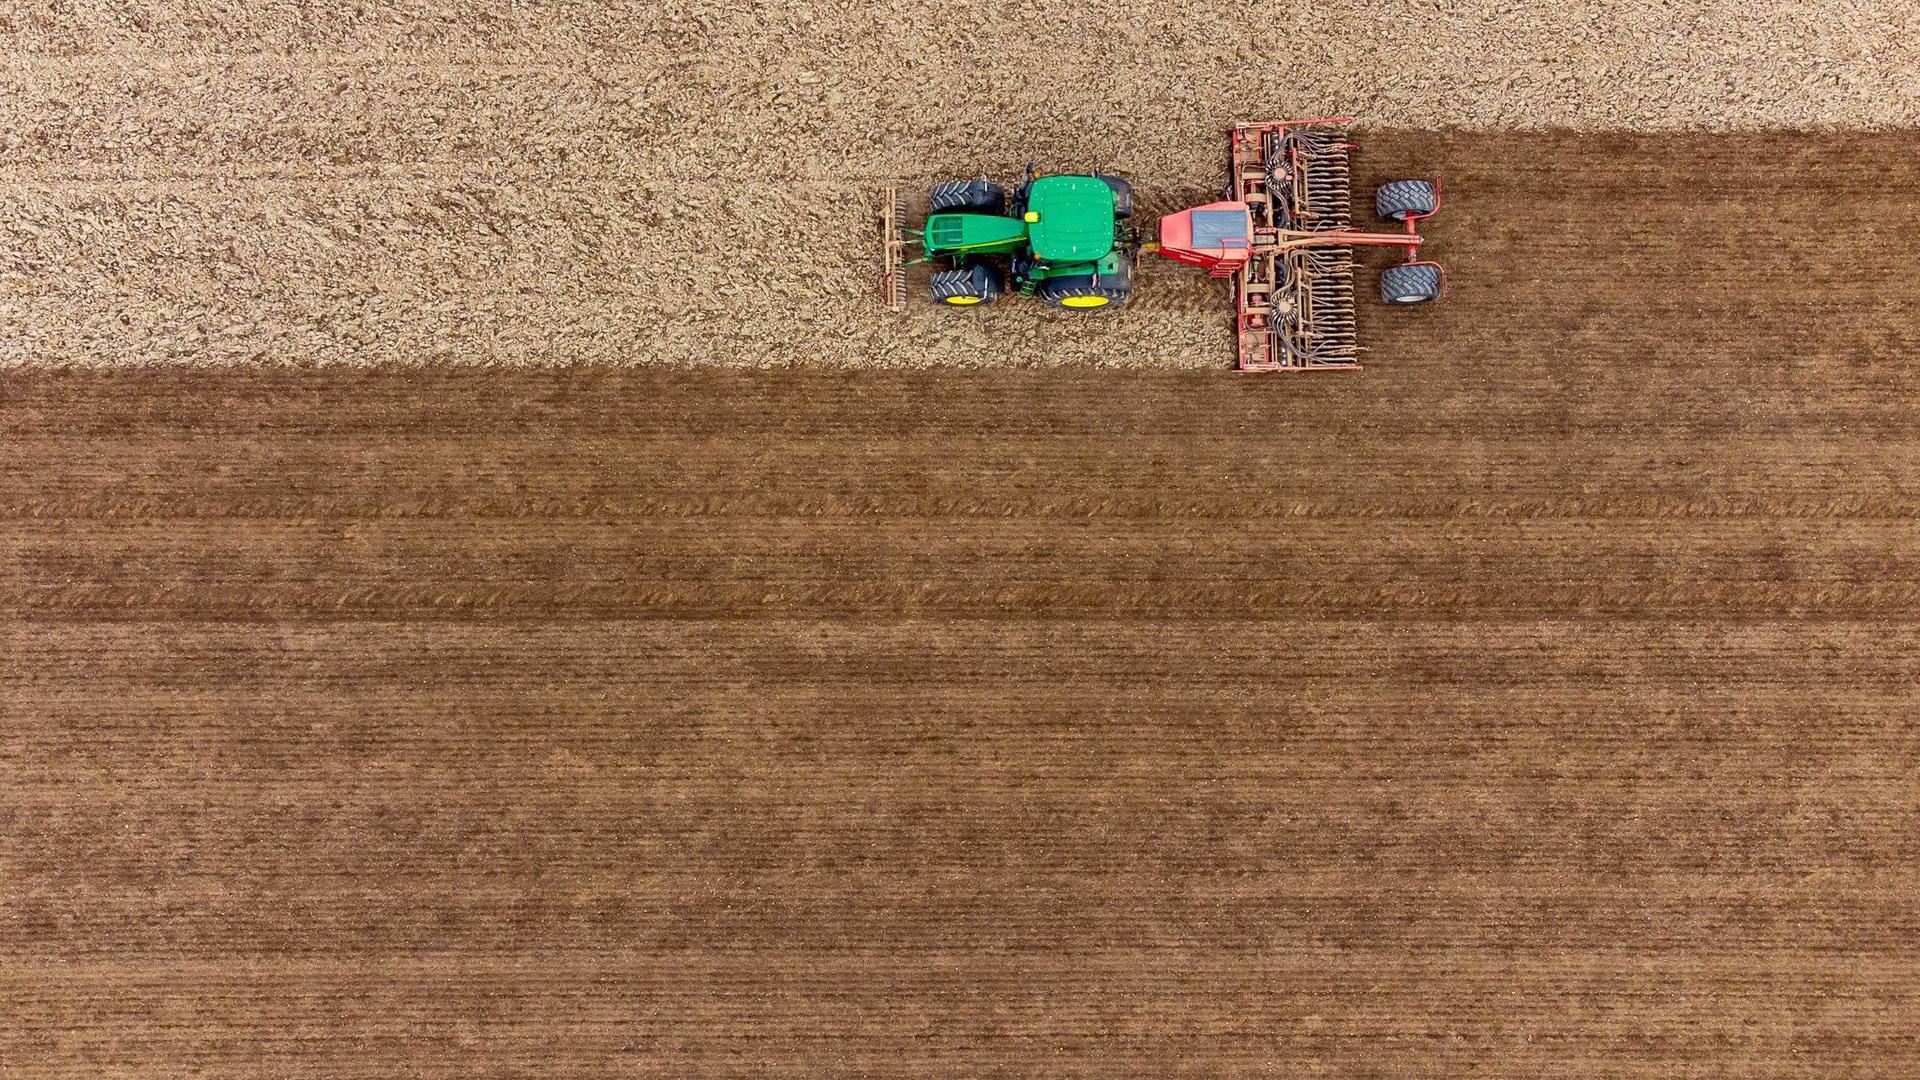 Auf einem Feld wird mit einer Drillmaschine Saatgut von Braugerste angebaut (Luftaufnahme mit Drohne).